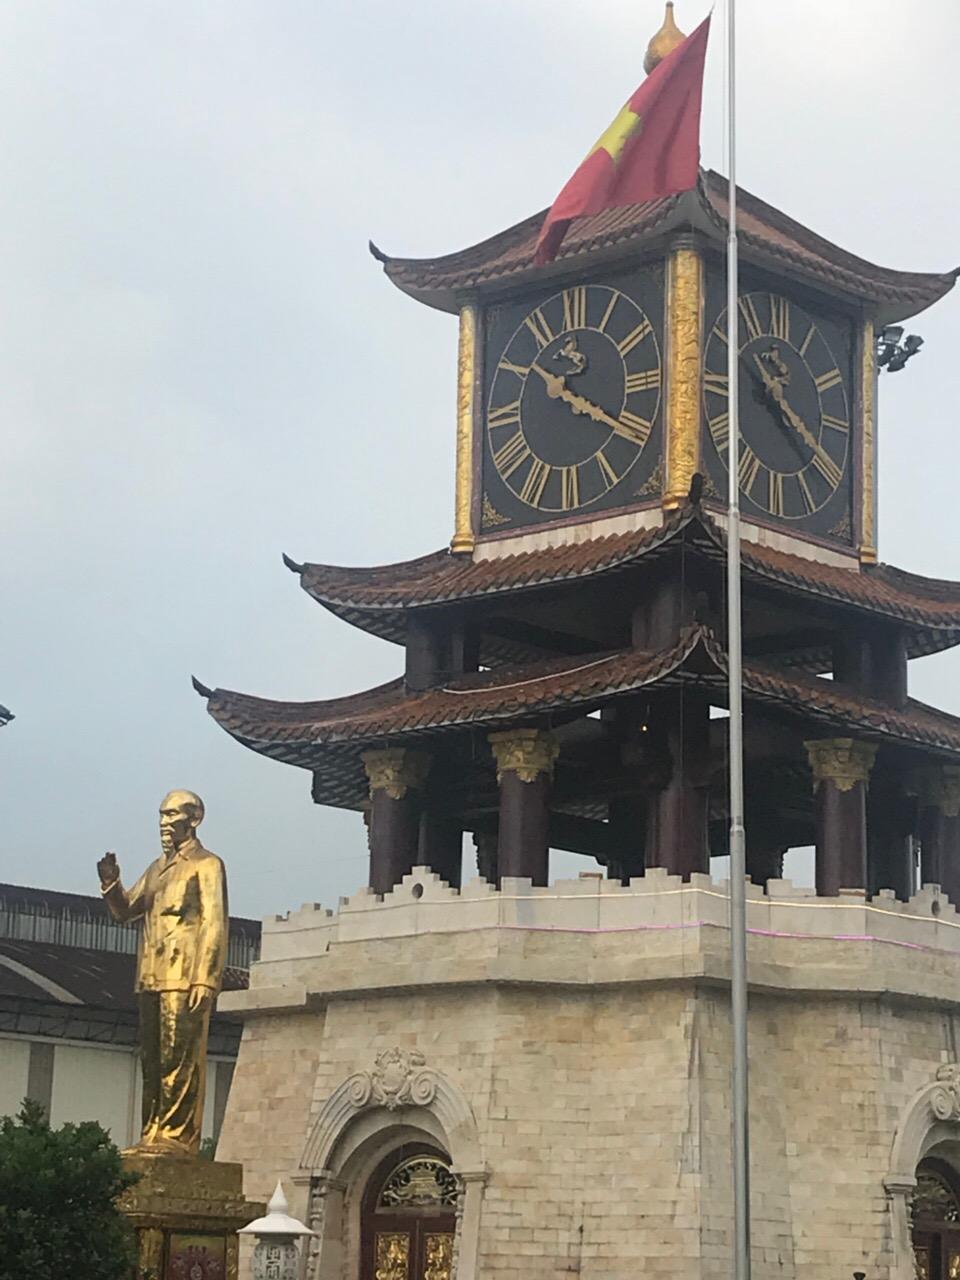 Tượng chủ tịch Hồ Chí Minh bằng đồng mạ vàng cao hơn 8m trong khu lưu niệm